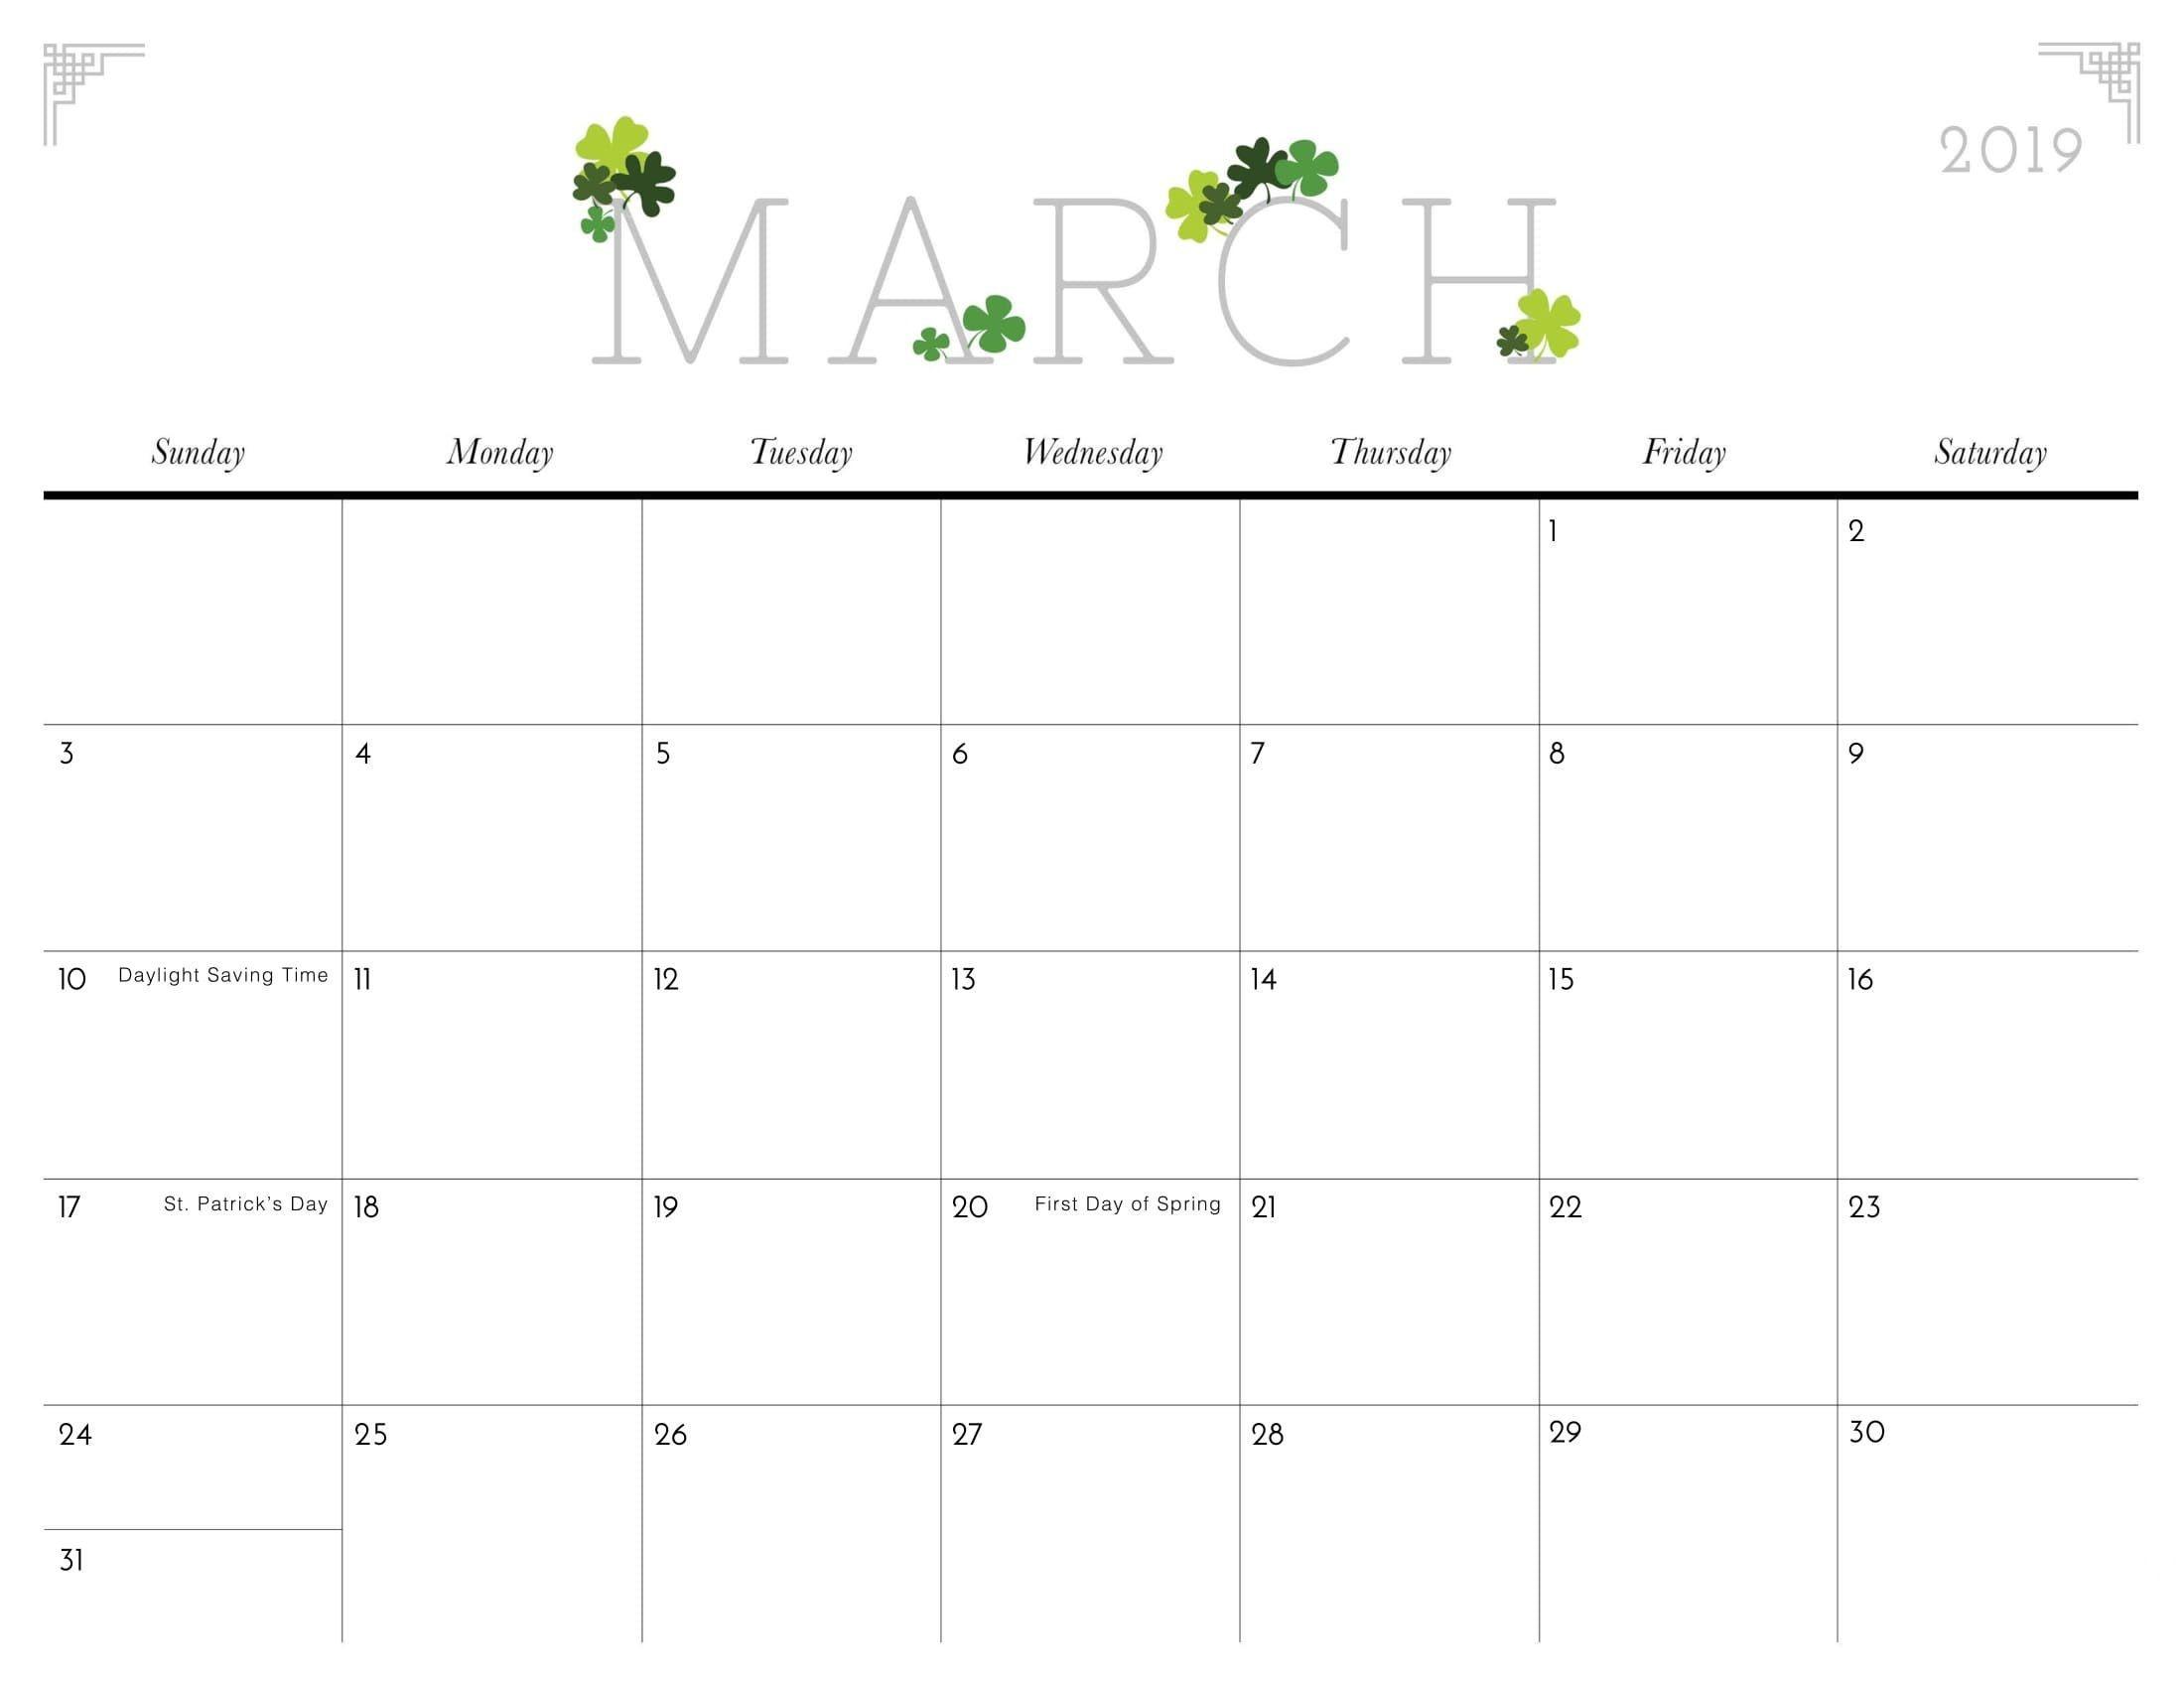 March Calendar Print Out Más Reciente Cute March 2019 Calendar Template Of March Calendar Print Out Recientes Monthly Calendar 2015 Template Printable 2016 Calendar Templates